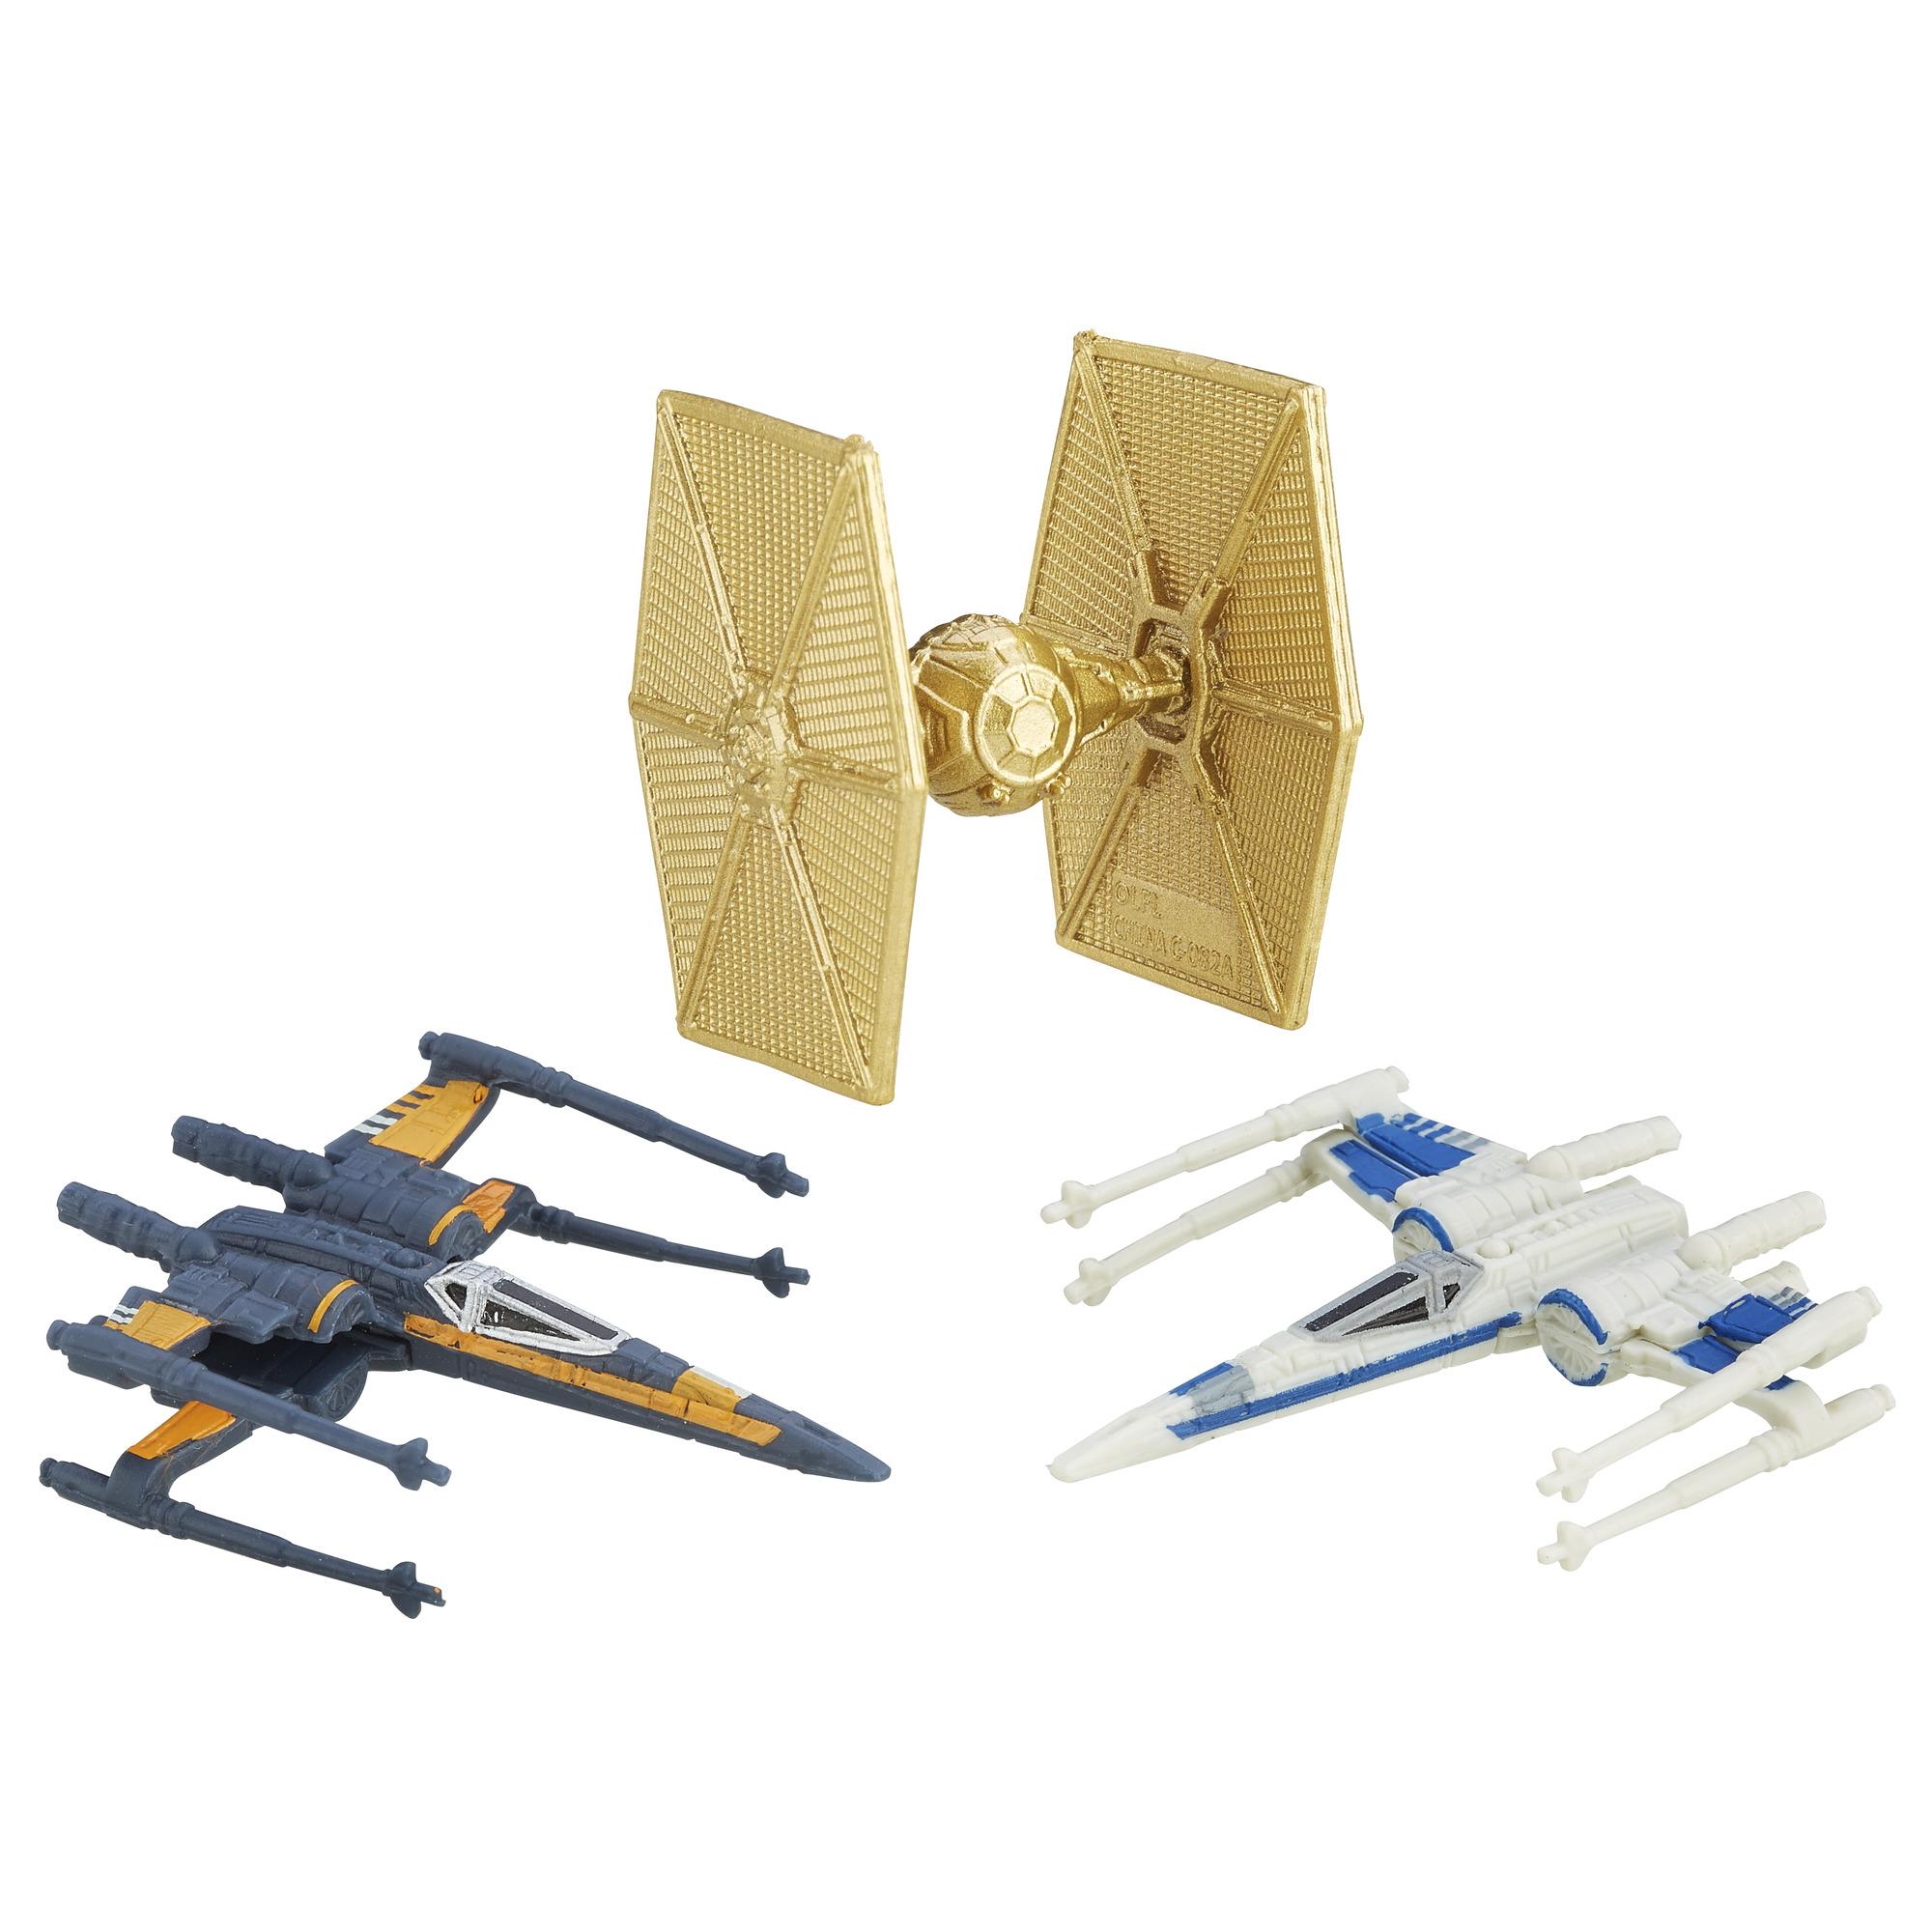 Star Wars: The Force Awakens Micro Machines 3 Pack Starfighter Assault